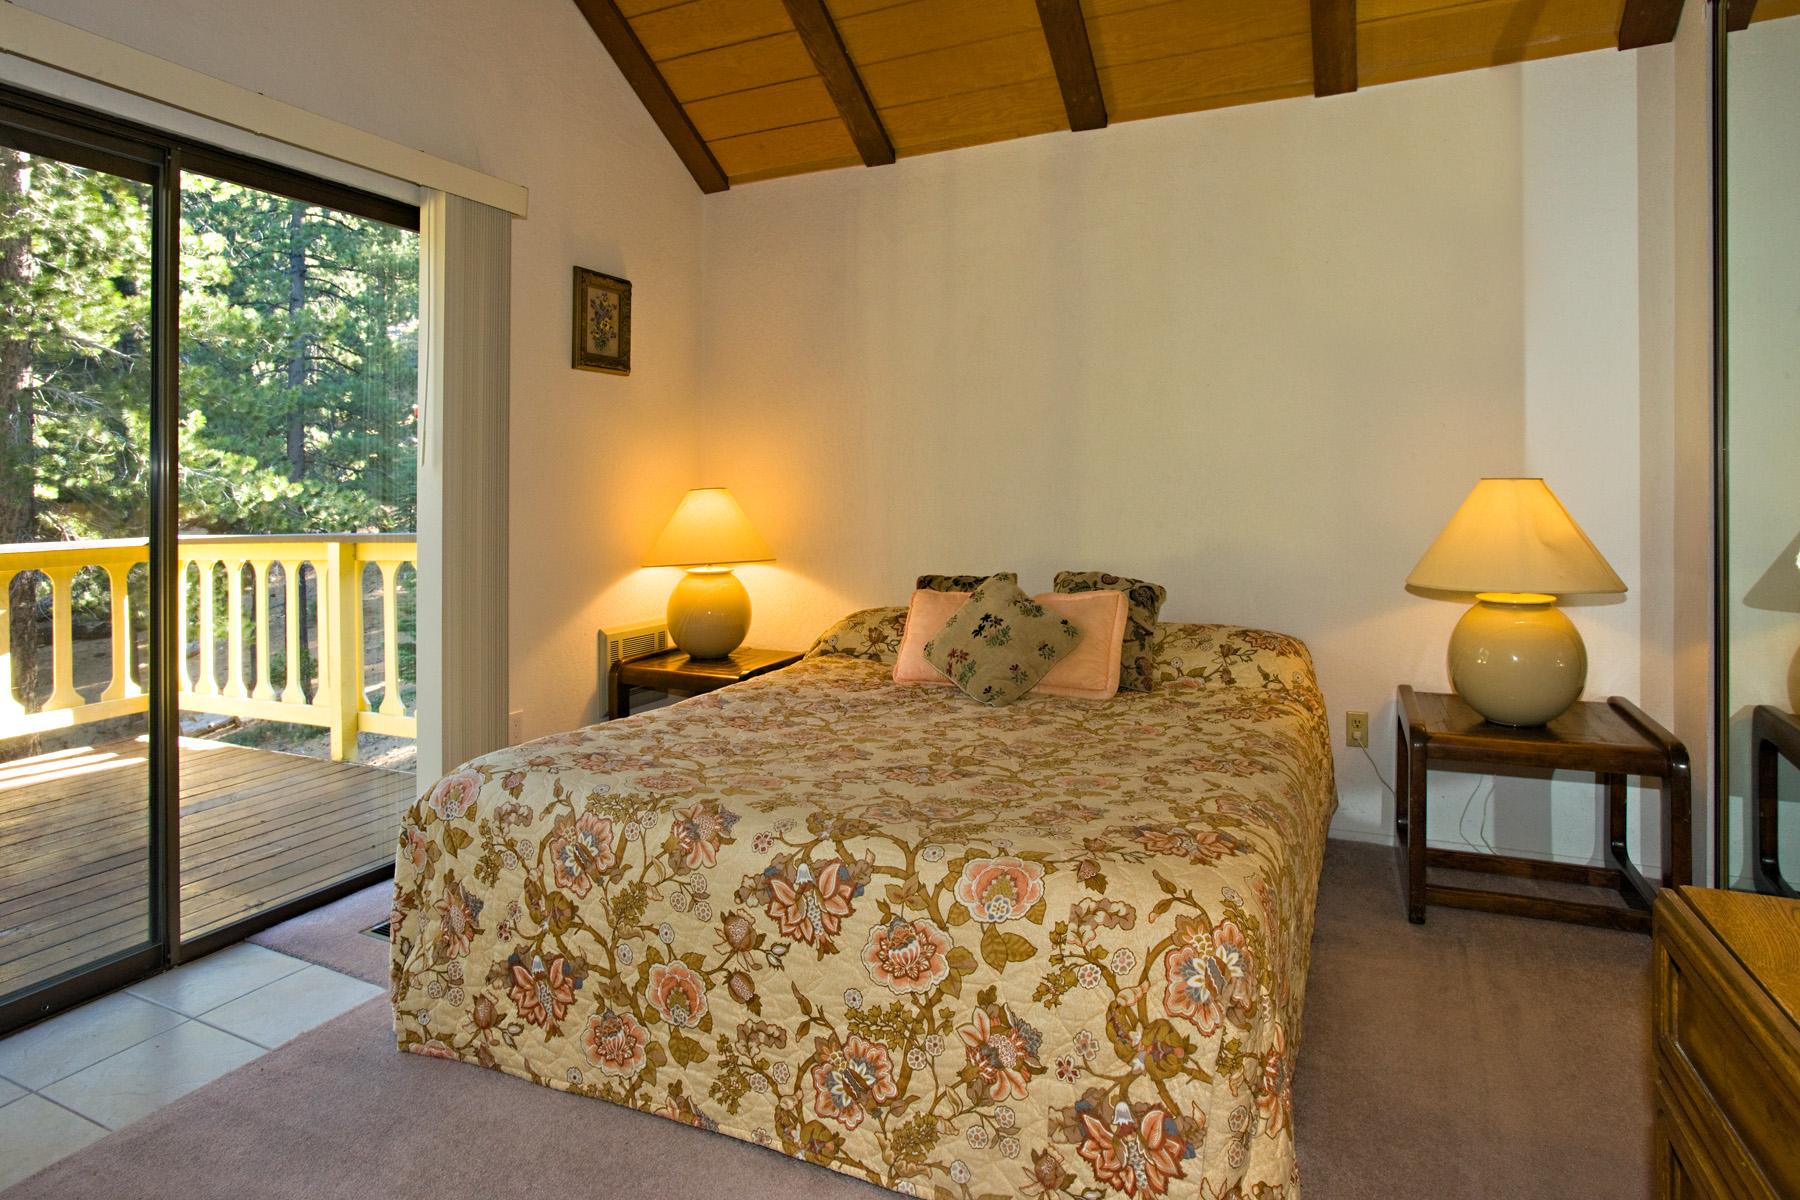 Tahoe Tyrol 3336 1st bedroom - king bed